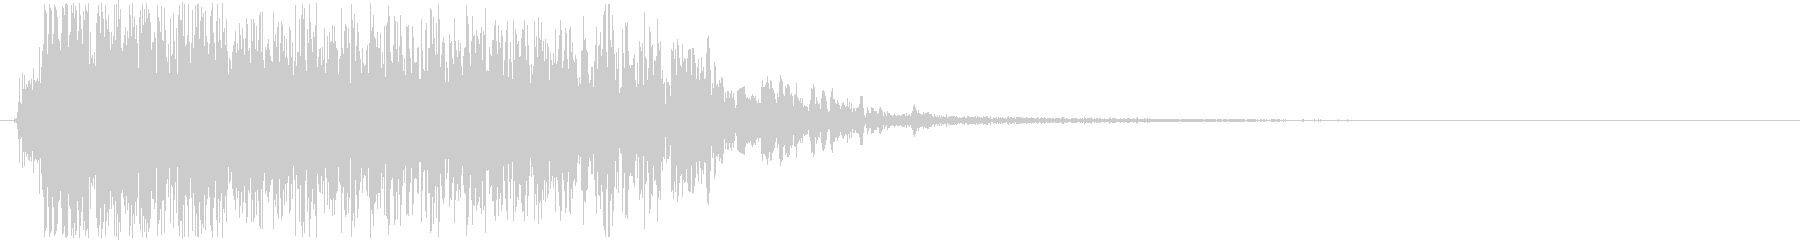 生演奏メタルなアイキャッチ19 デス声入の未再生の波形